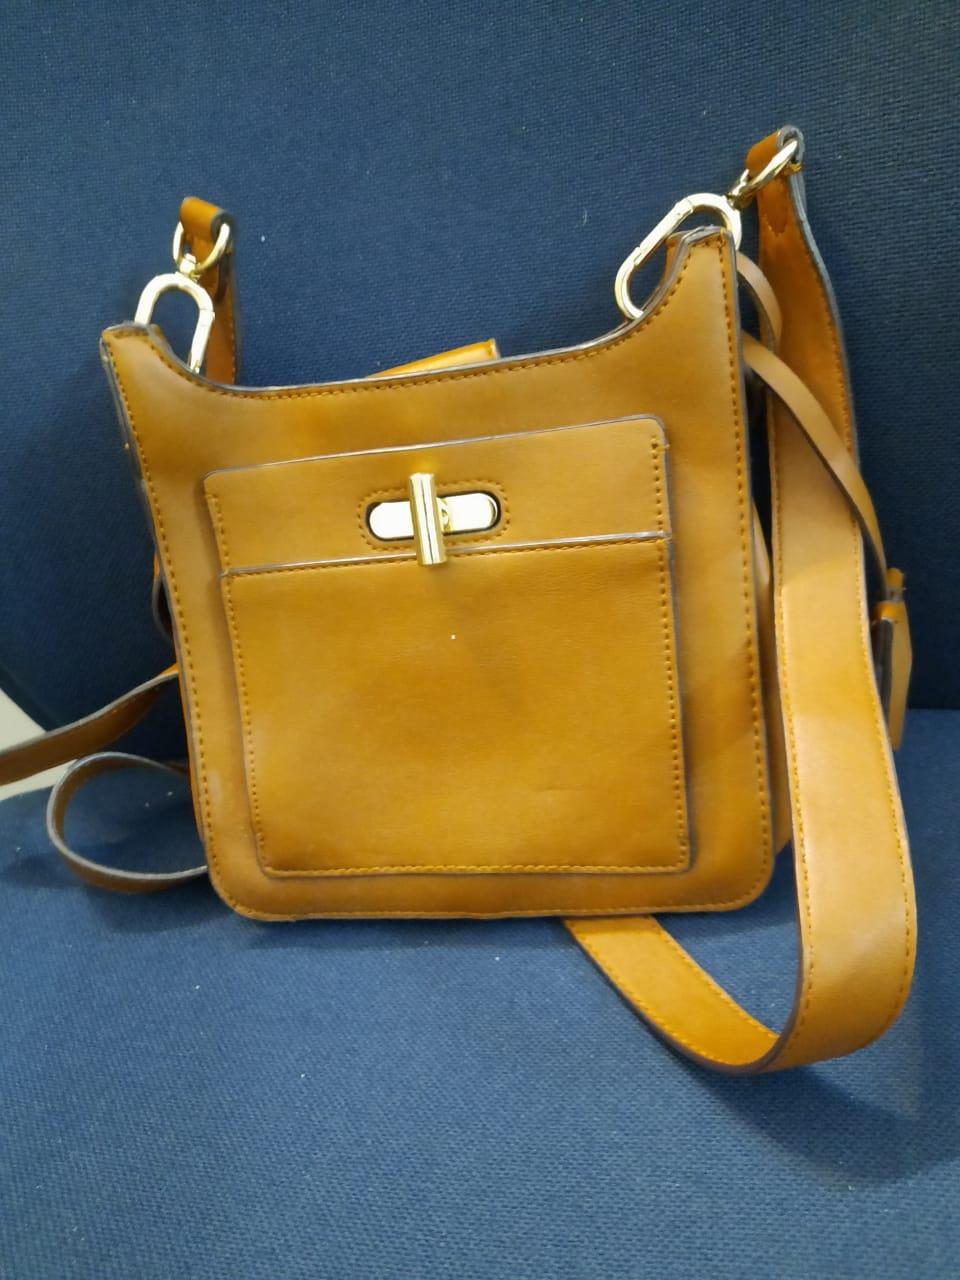 Branded Preloved Bag